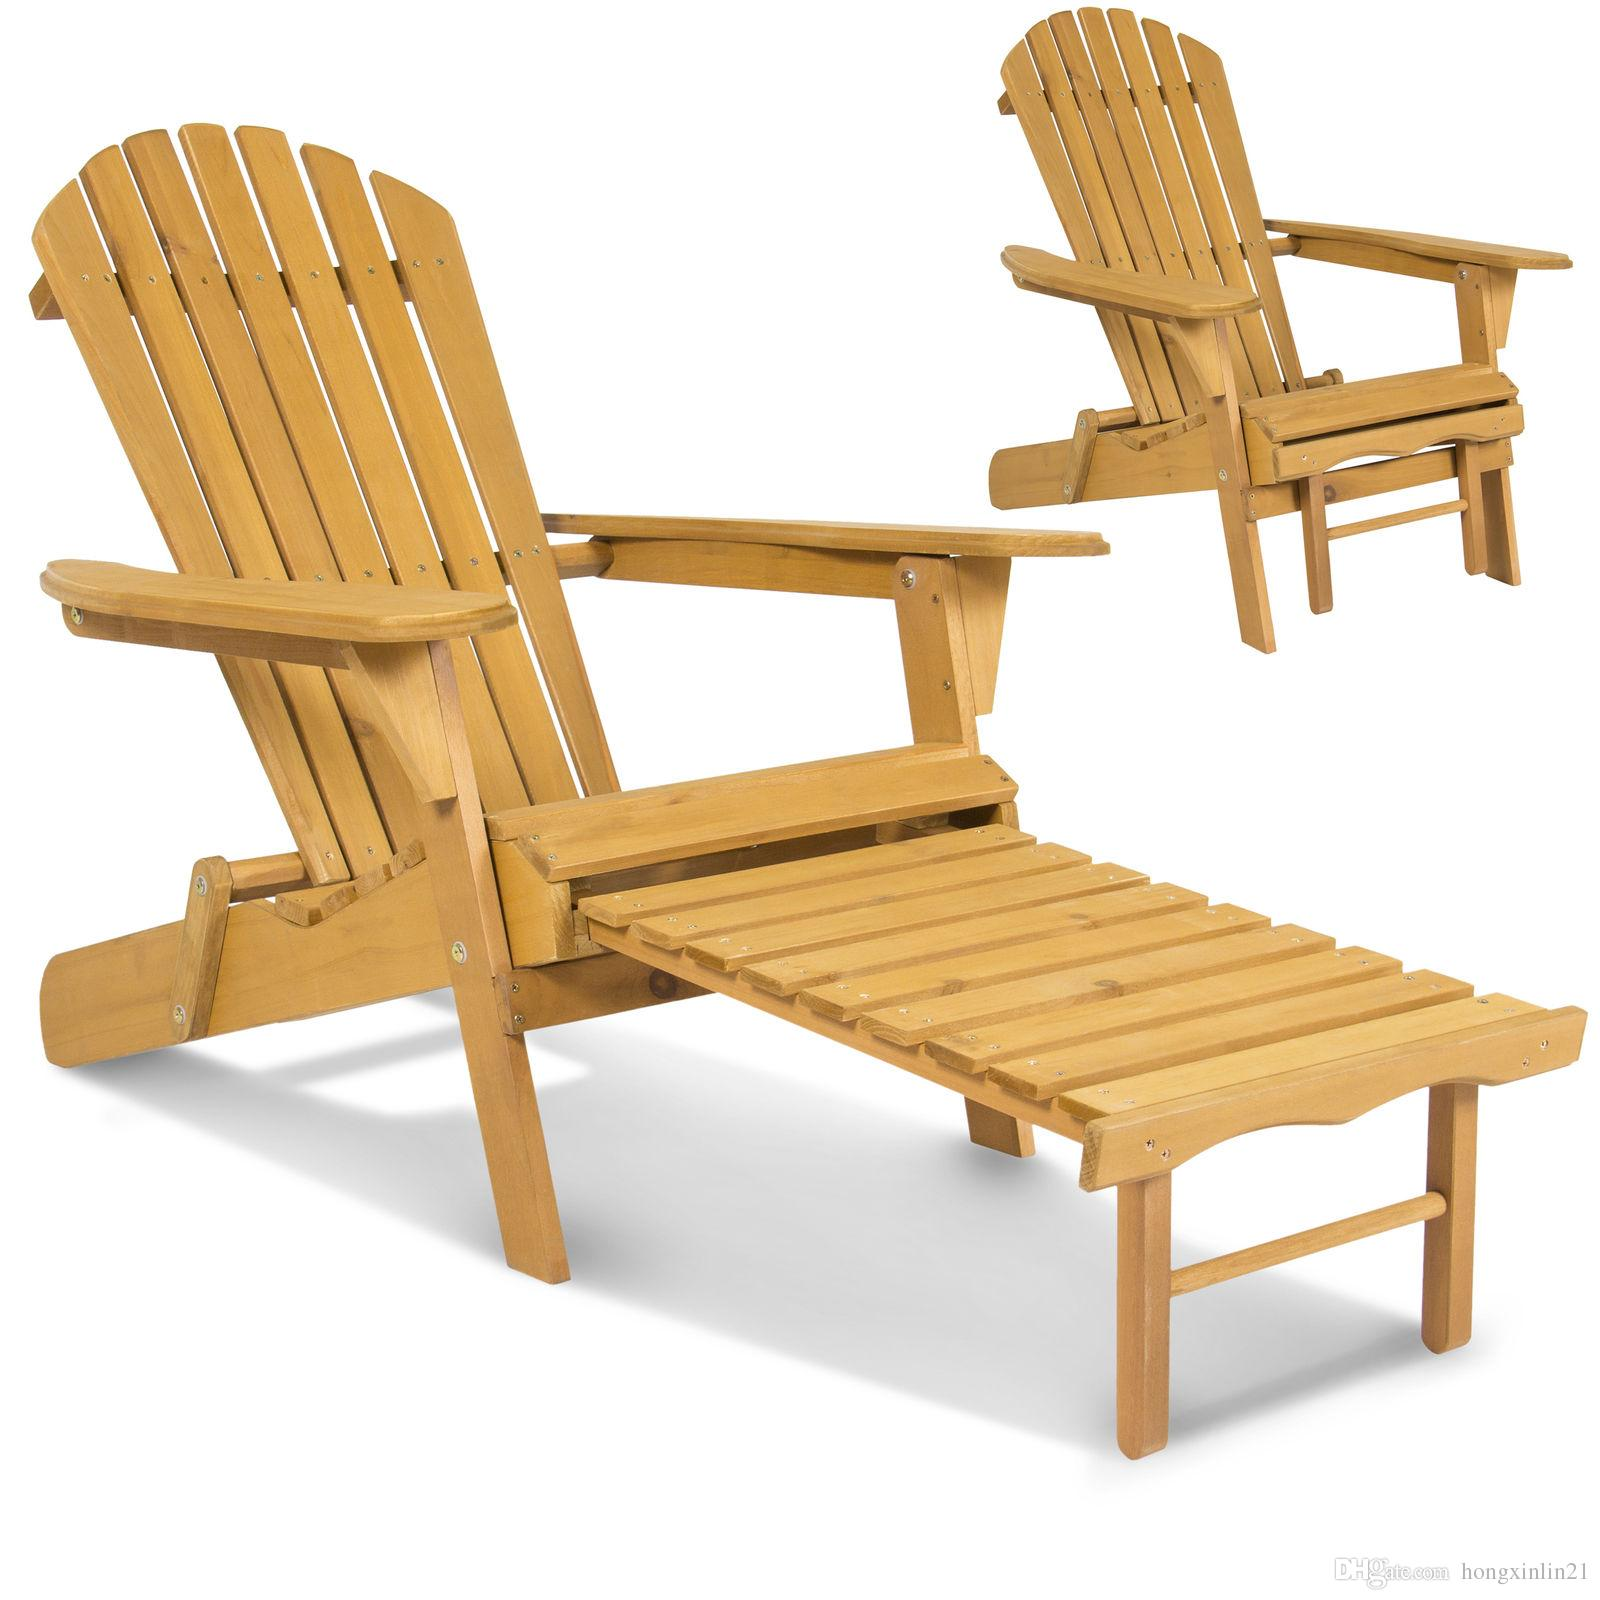 Coussin Pour Fauteuil Adirondack chaise d'adirondack en de bois bcp extérieure acheter avec